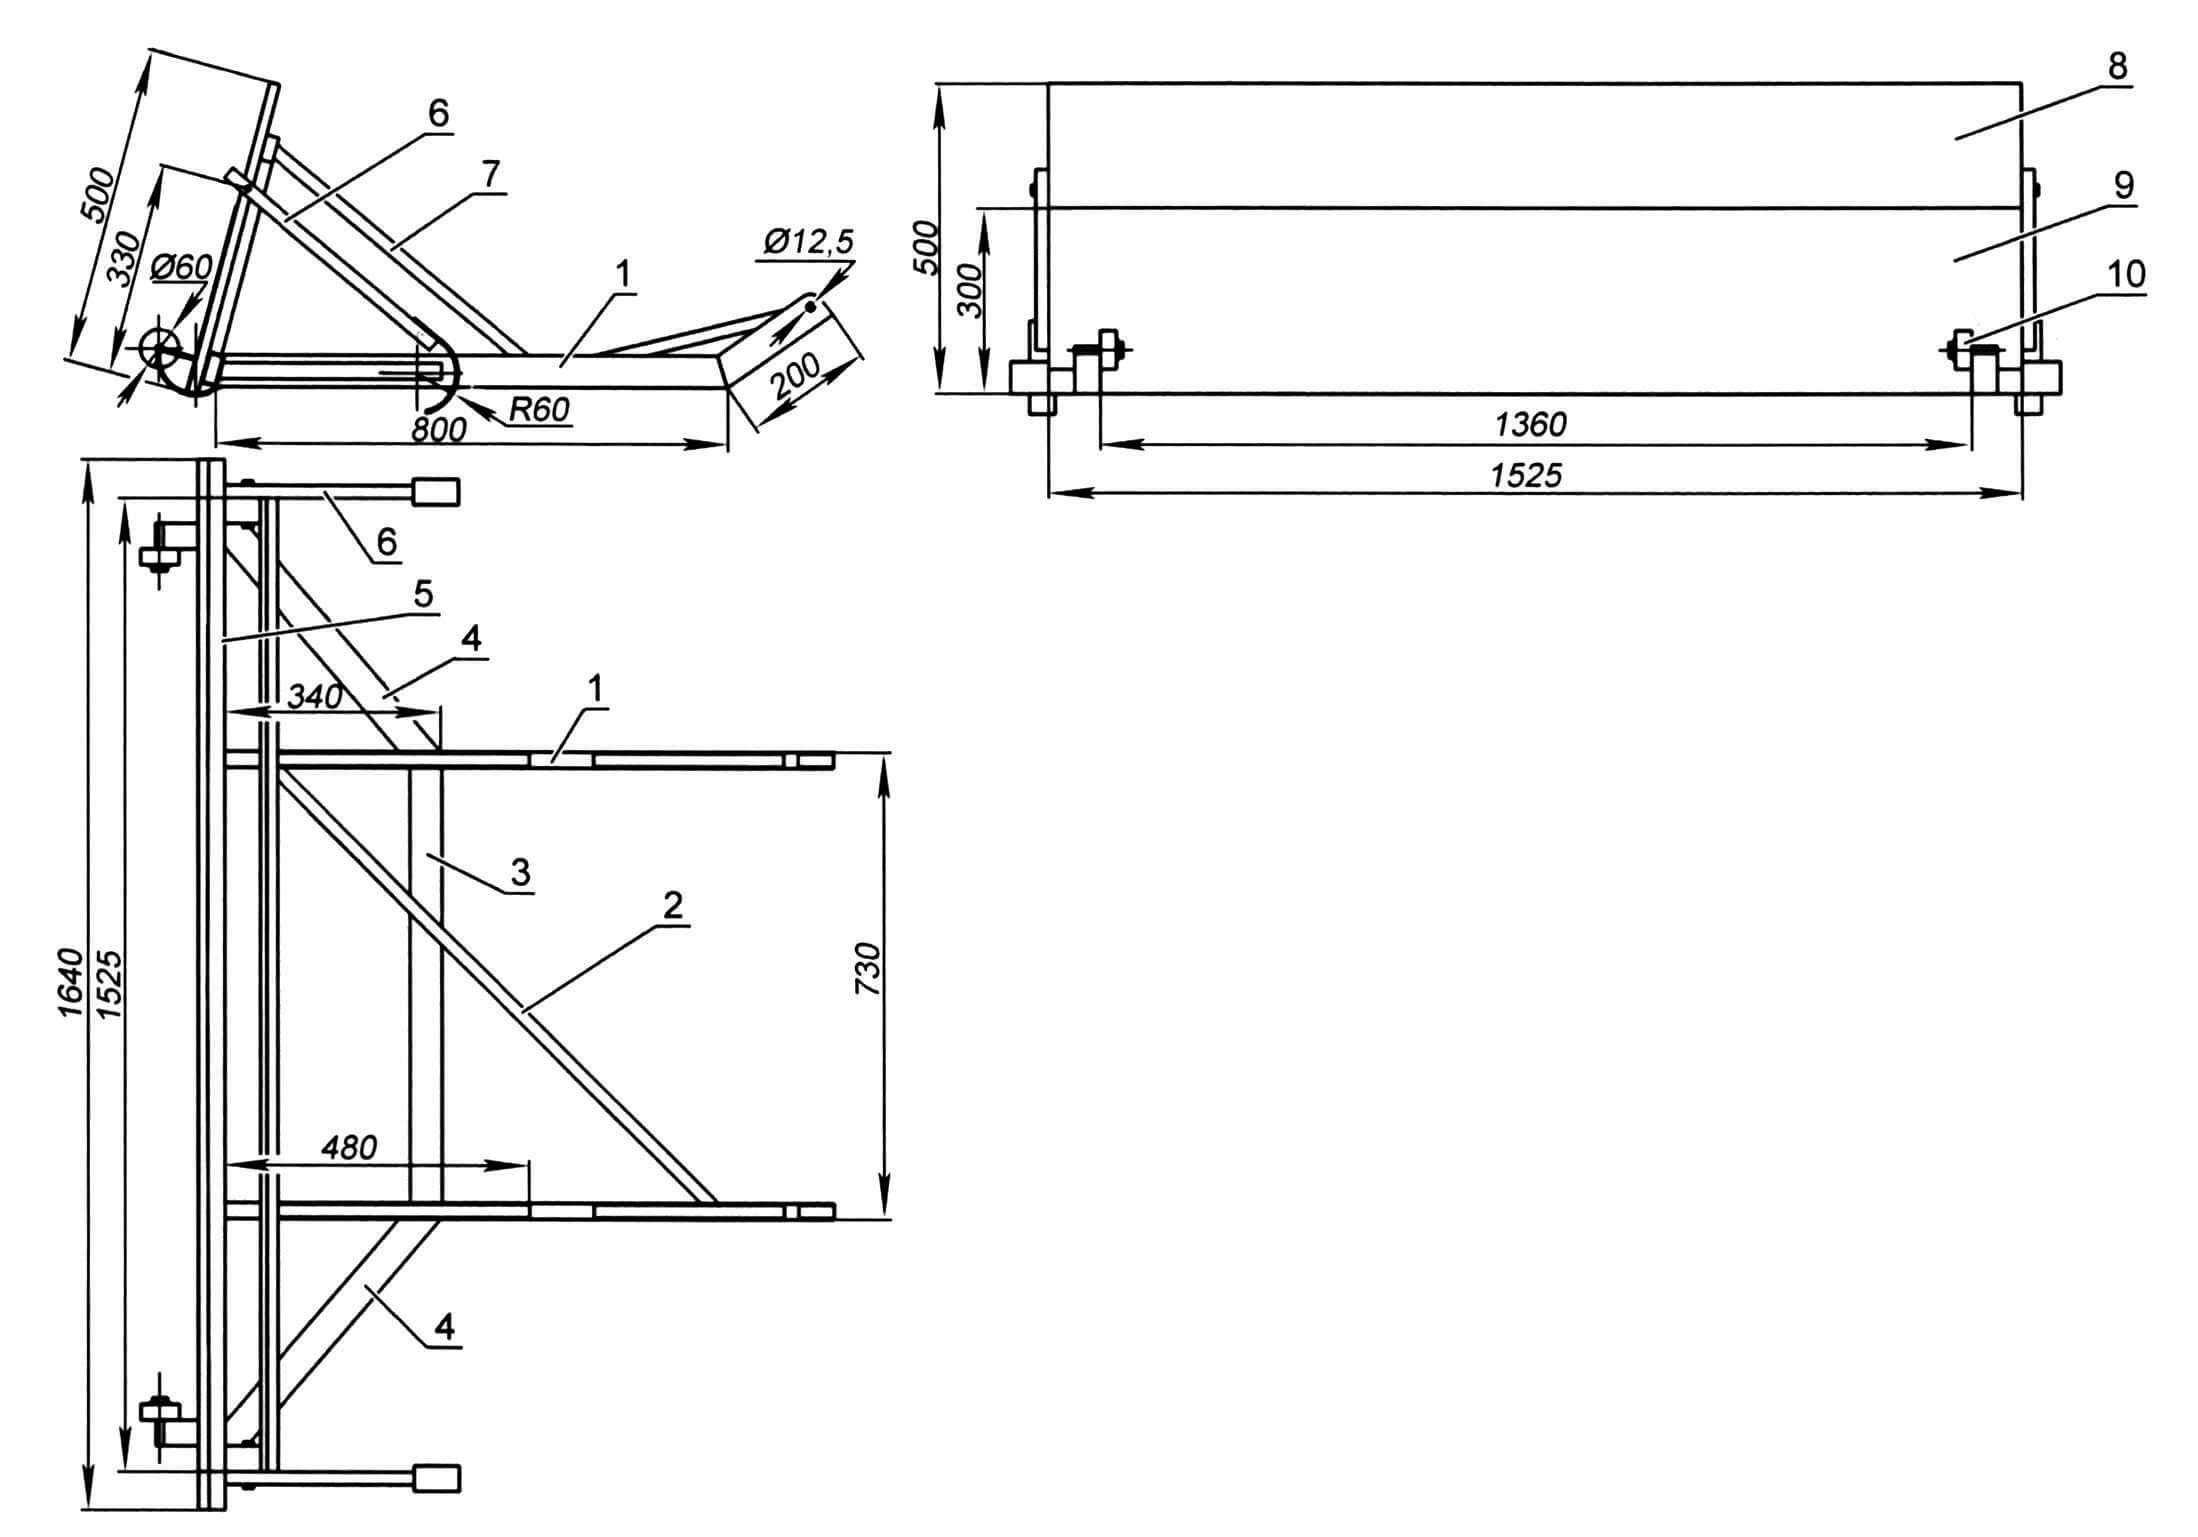 Отвал для уборки снега: 1 - продольные рычаги; 2 - диагональный усилитель; 3 - горизонтальный усилитель; 4 - укосина горизонтальная; 5 - основание щита; 6 - подъемный рычаг-«лыжа»; 7 - укосина вертикальная; 8 - верхняя часть щита (фанера 16 мм); 9 - нижняя часть щита (рифленый алюминий); 10 - фоторопластовый опорный ролик (при необходимости). Позиции 1, 3, 4, 5 - профиль 50x25x2,5; позиции 2, 6, 7 - профиль 20x20x2. На виде сверху щиты (позиции 8 и 9) условно не показаны